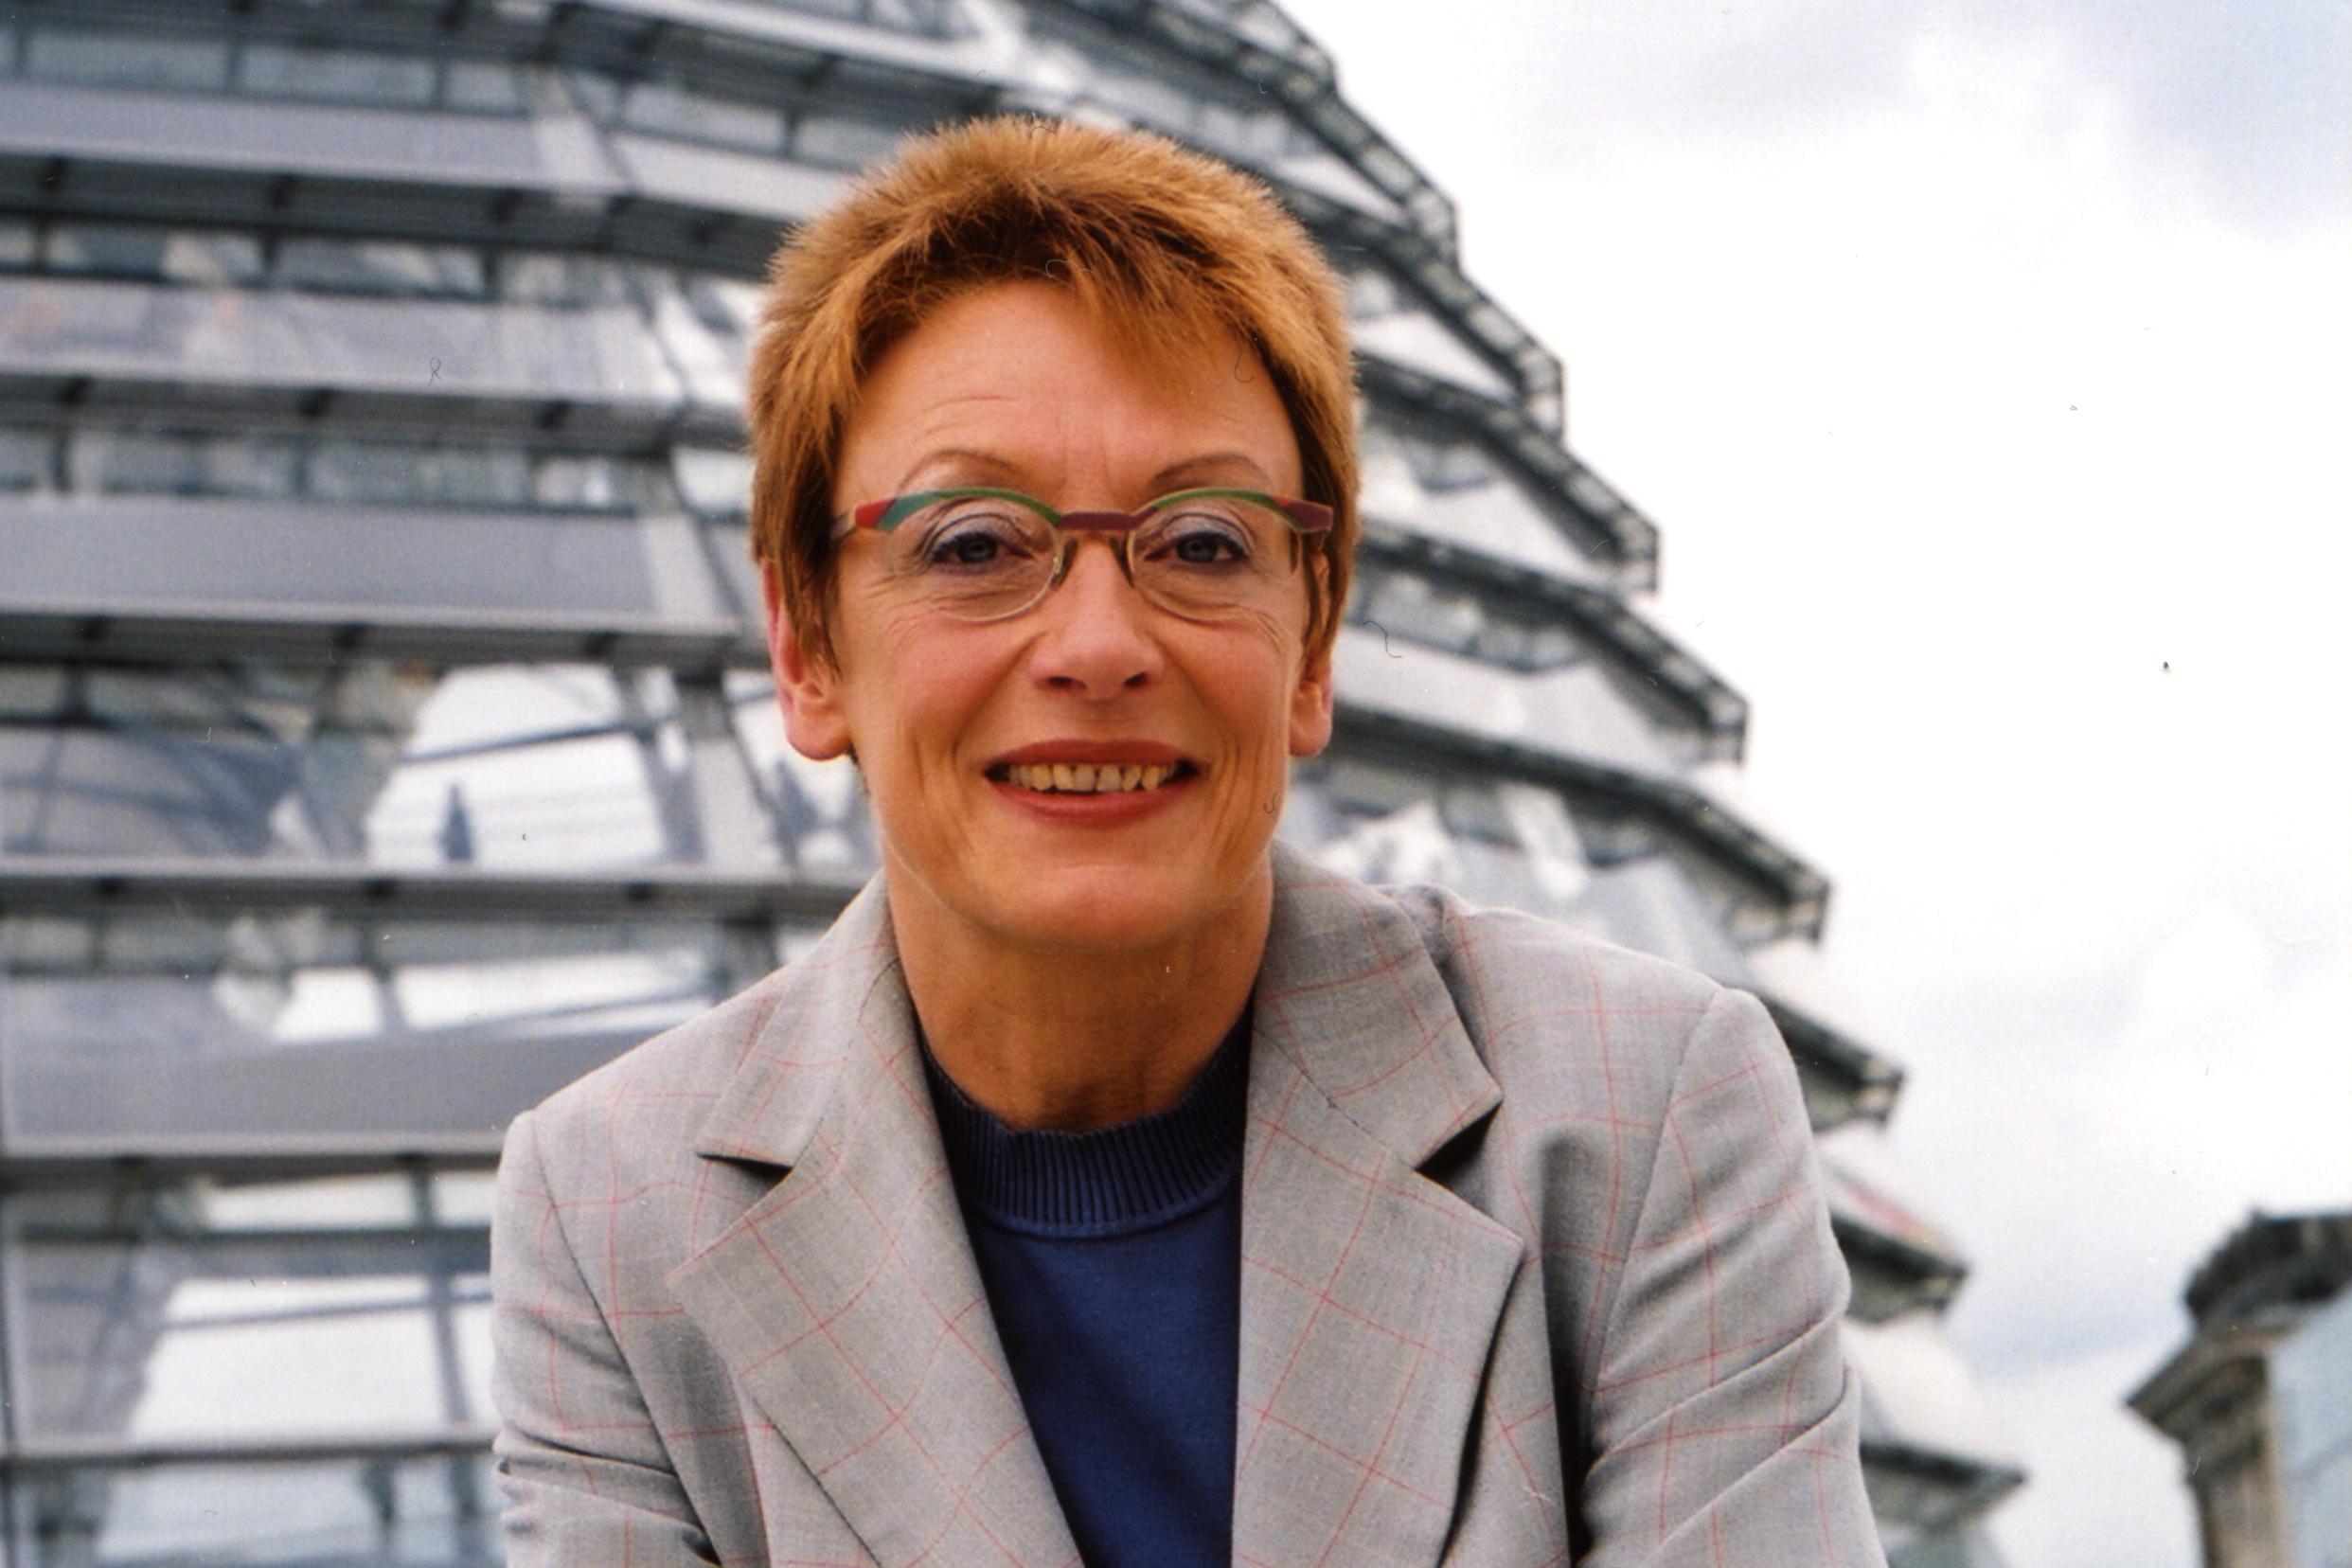 Franziska Eichstädt Bohlig Auf Dem Dach Des Bundestags